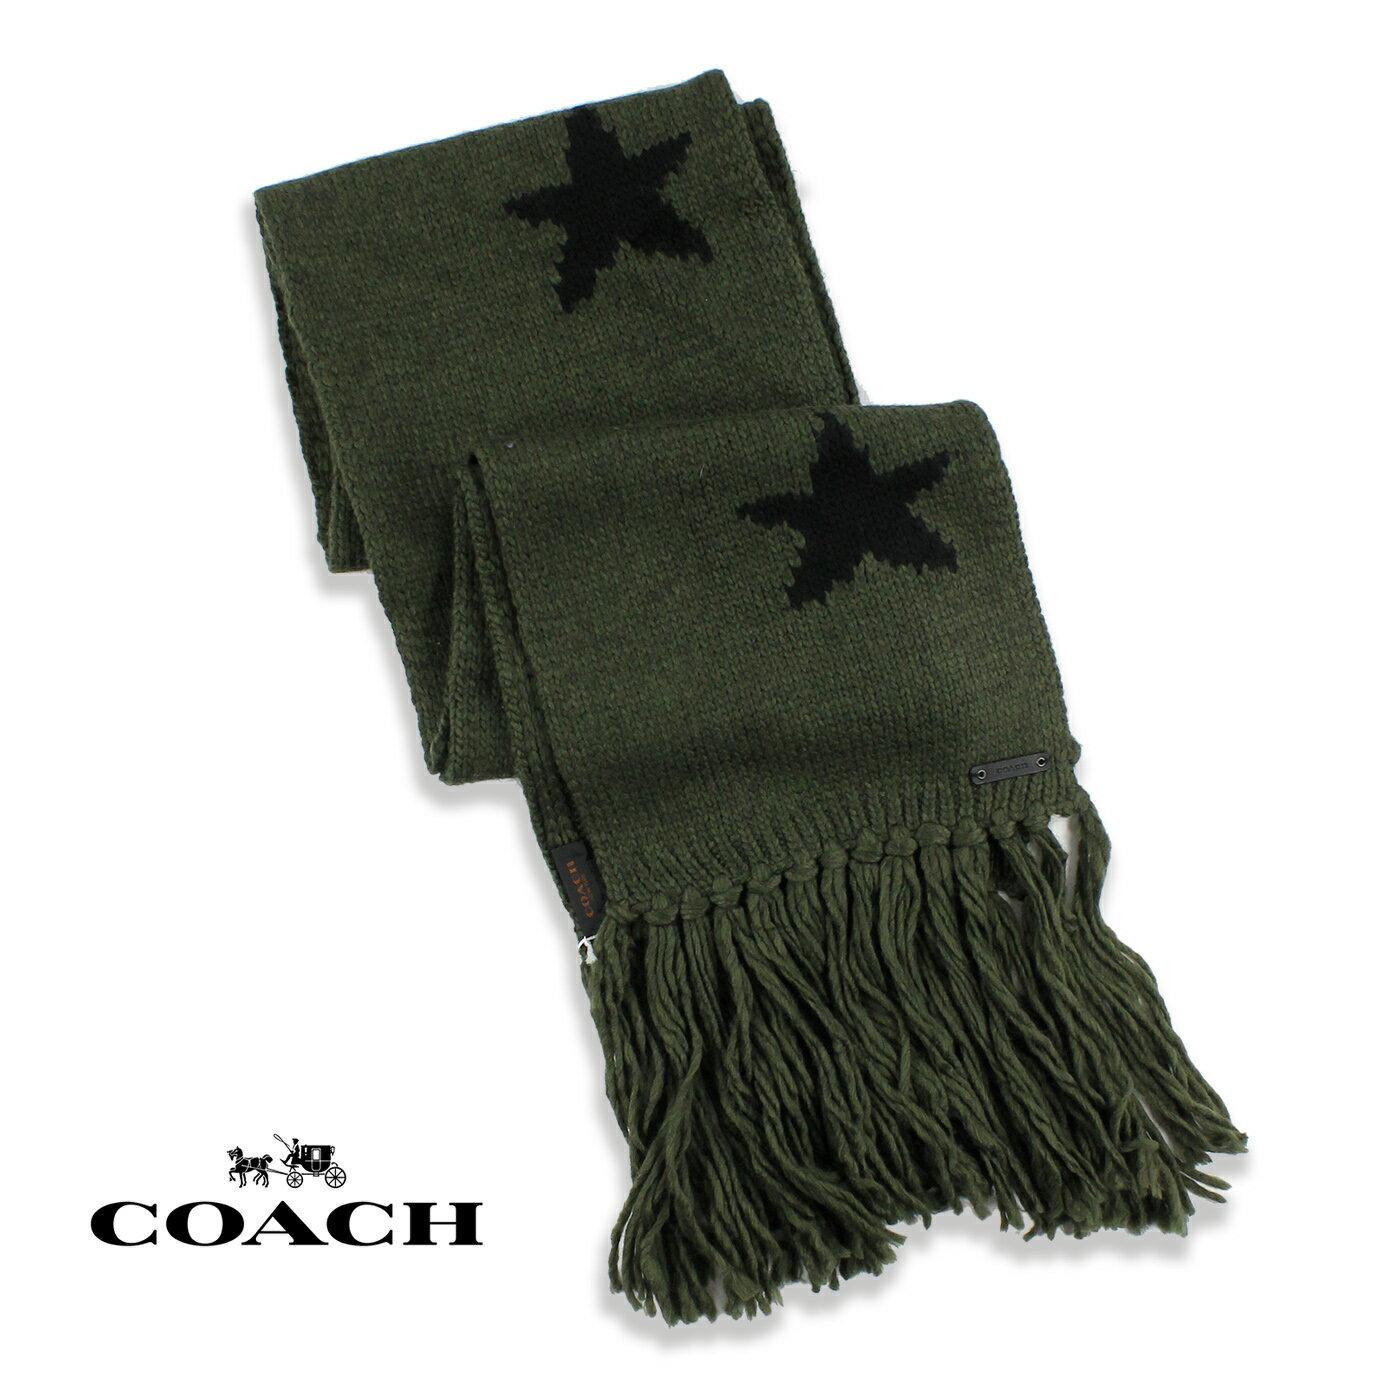 美國百分百【全新真品】COACH 圍巾 針織 配件 披肩 毛線 86021 保暖 羊毛 星星 男 女 軍綠色 G198